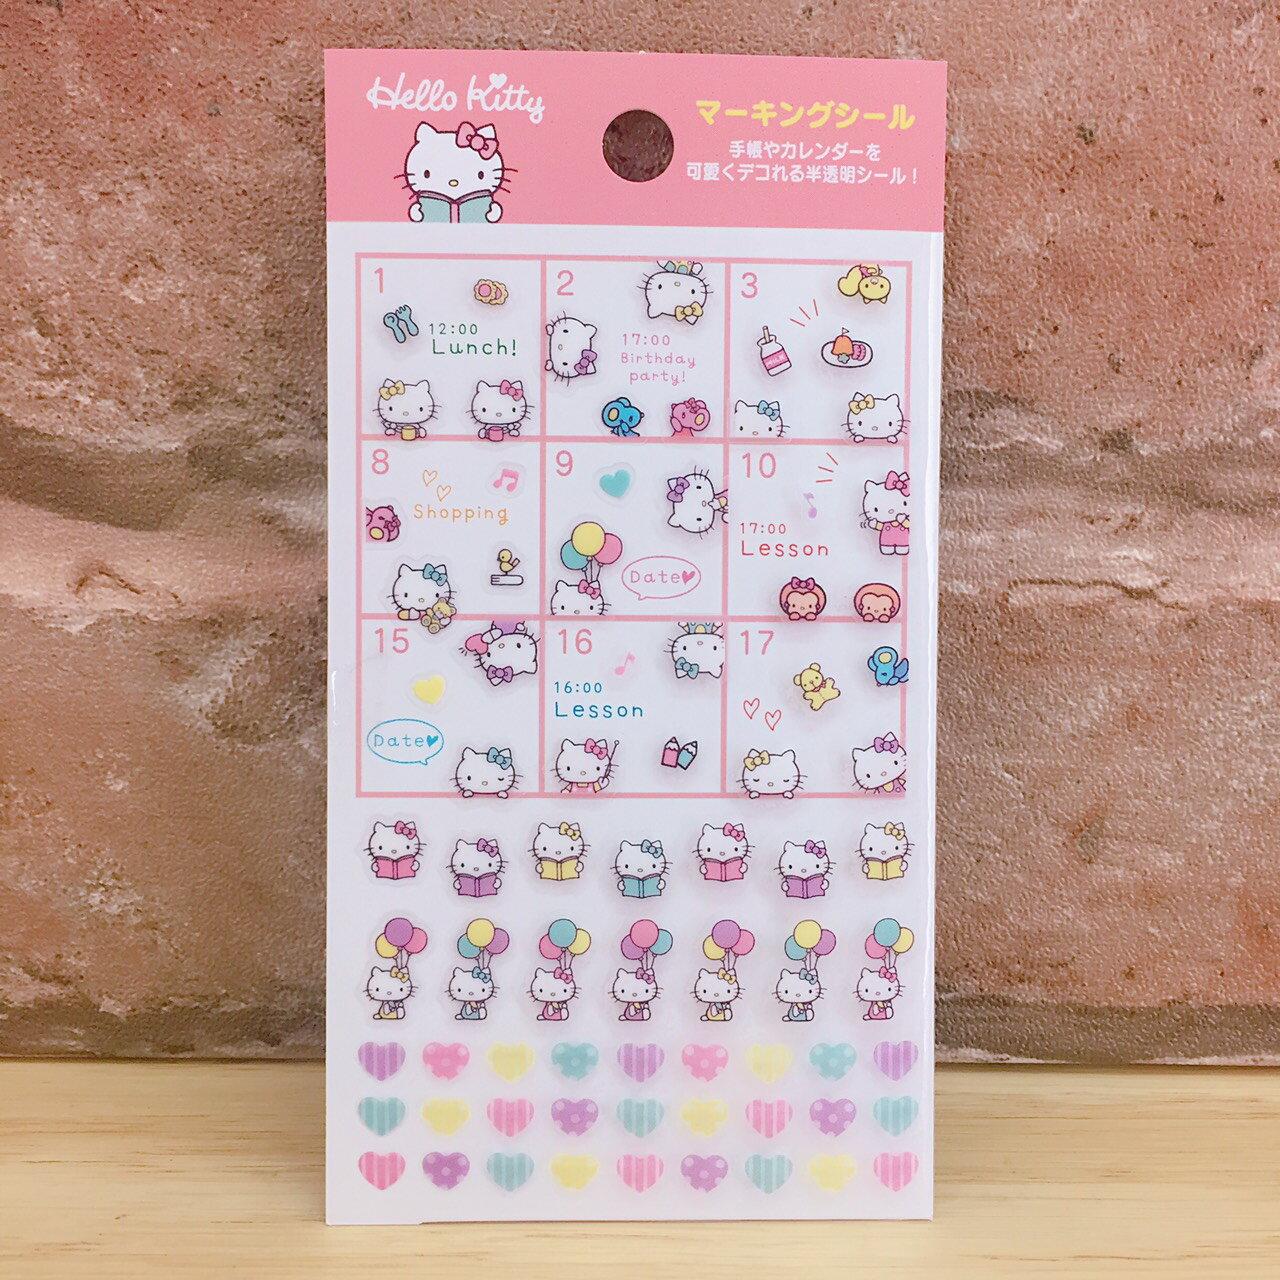 【真愛日本】 17082700006 日本製記事迷你貼紙-KT彩色愛心ABB 三麗鷗 kitty 行事曆裝飾透明貼